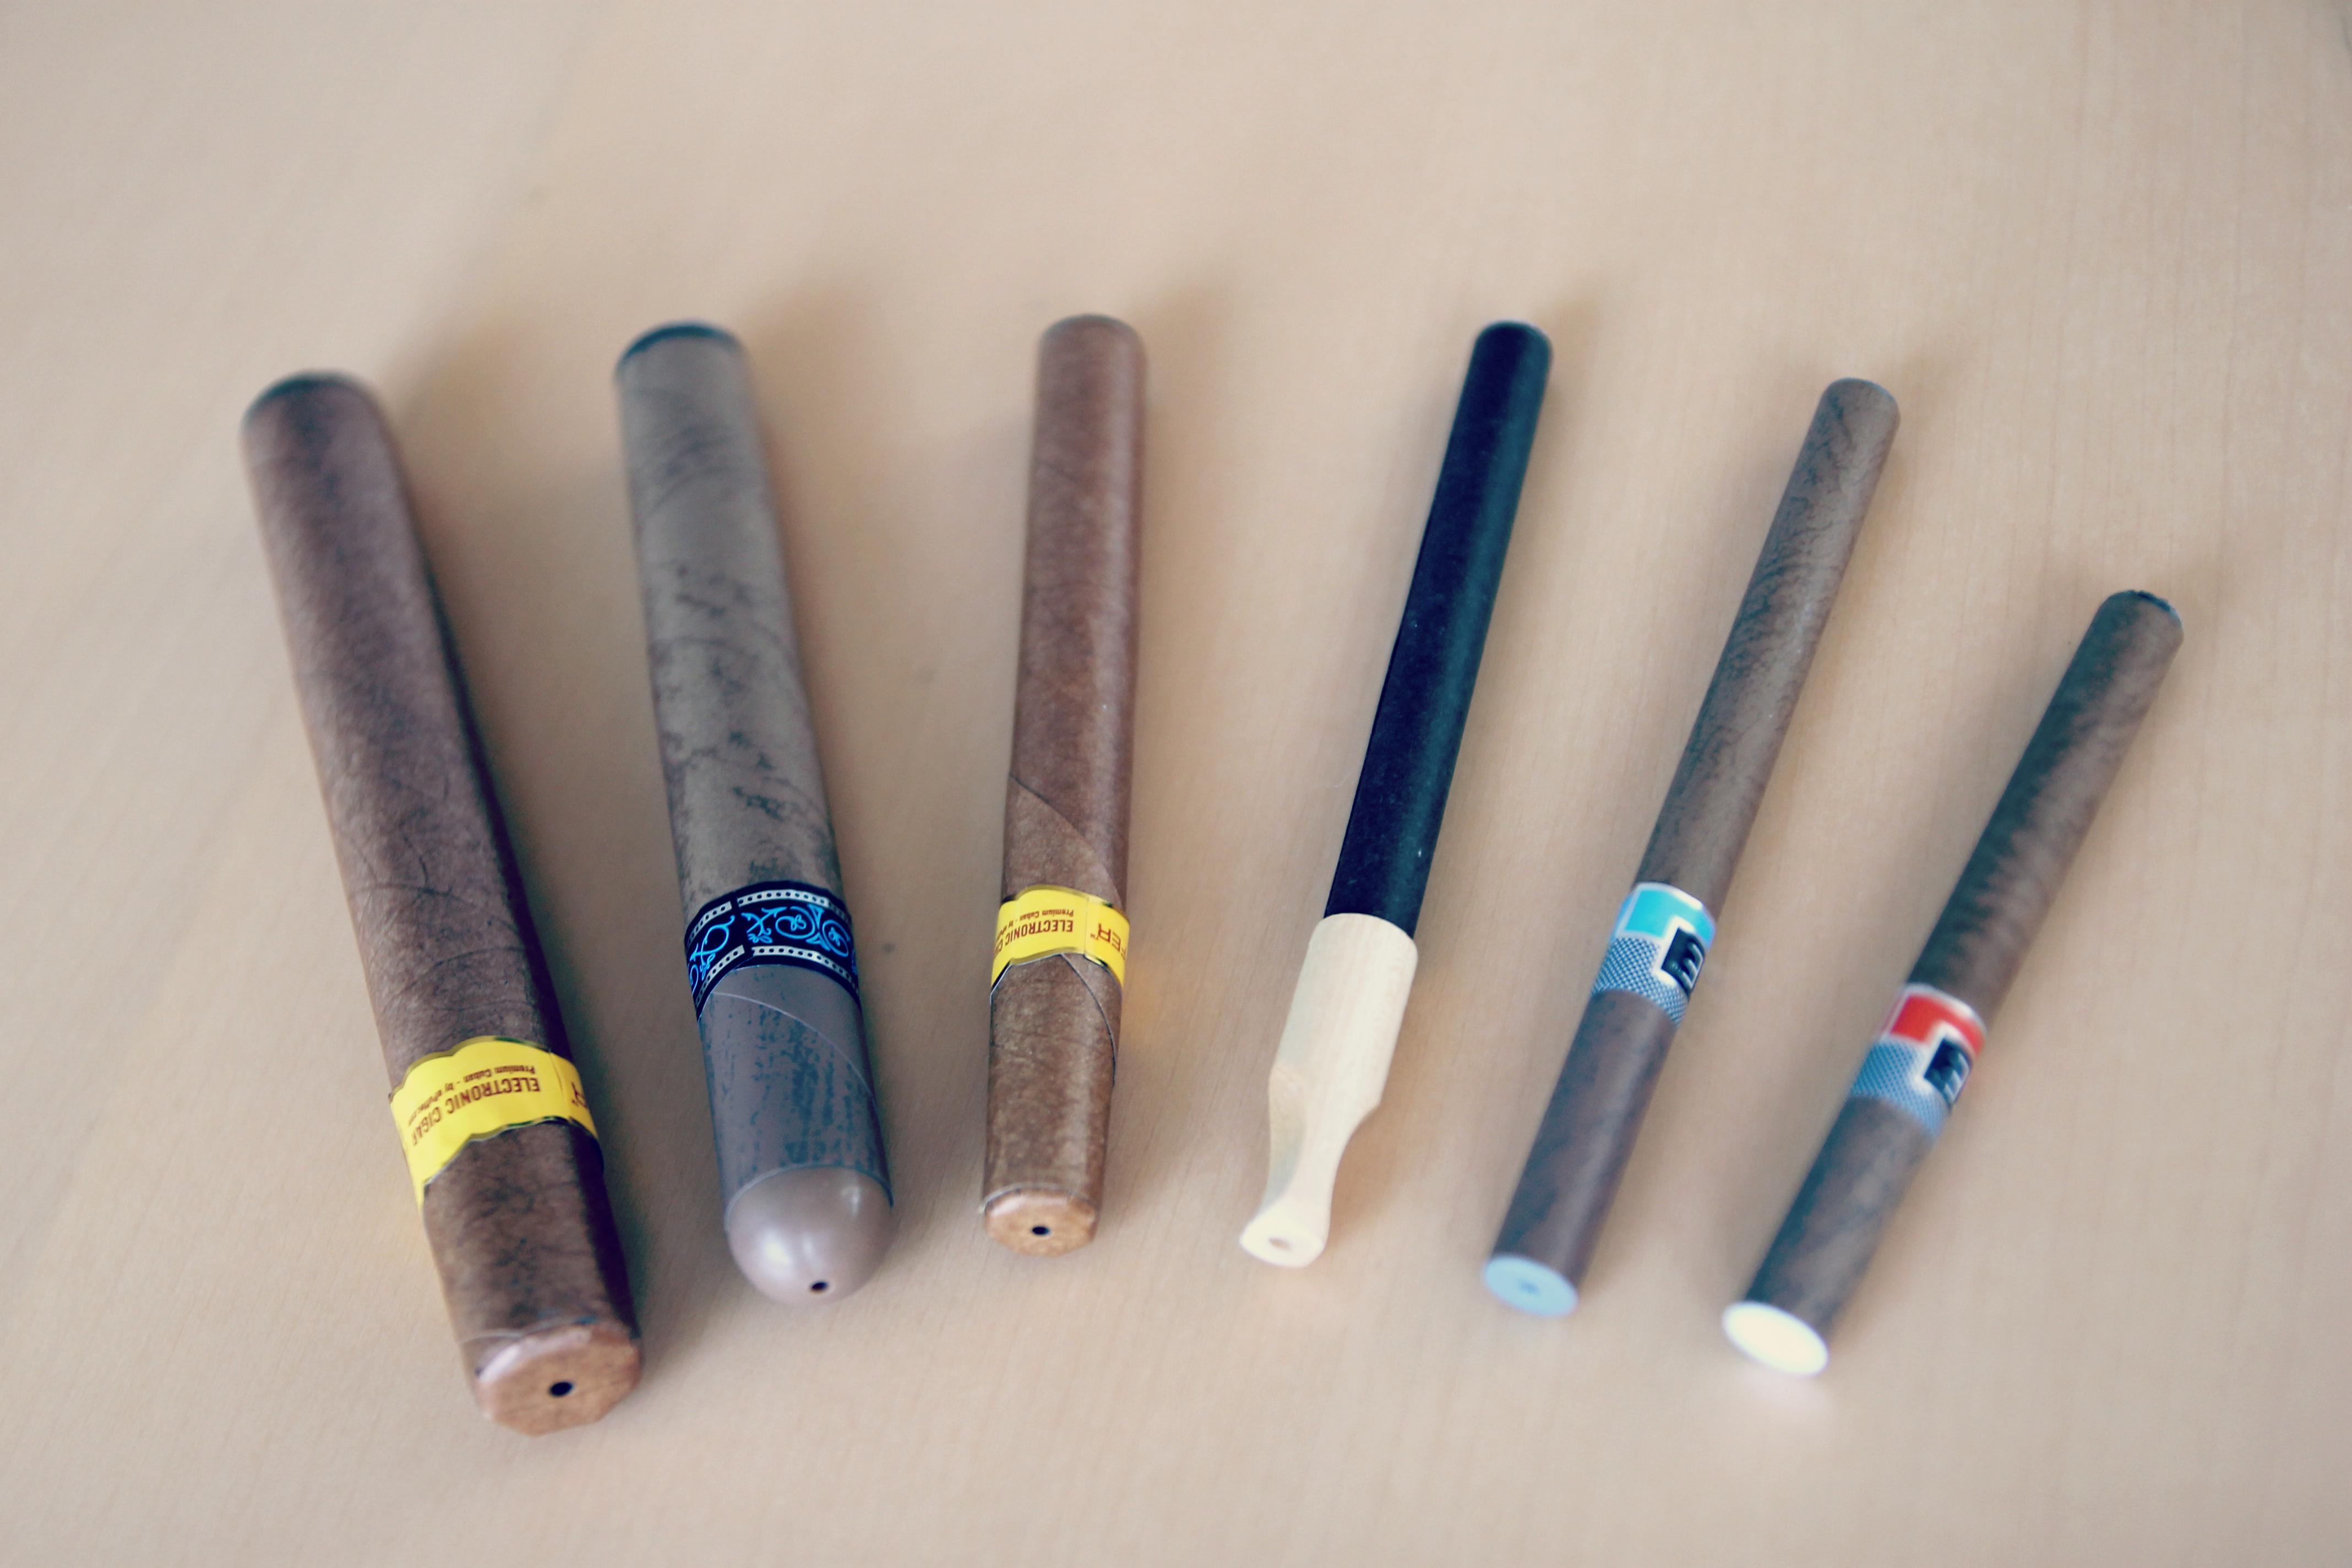 E-Cigarette-E-Cigar-E-Cigarillo-E-Black-E-Clove-Electronic_Cigarette-E-Cigs-E-Liquid-Vaping_%2816086396688%29.jpg?profile=RESIZE_710x